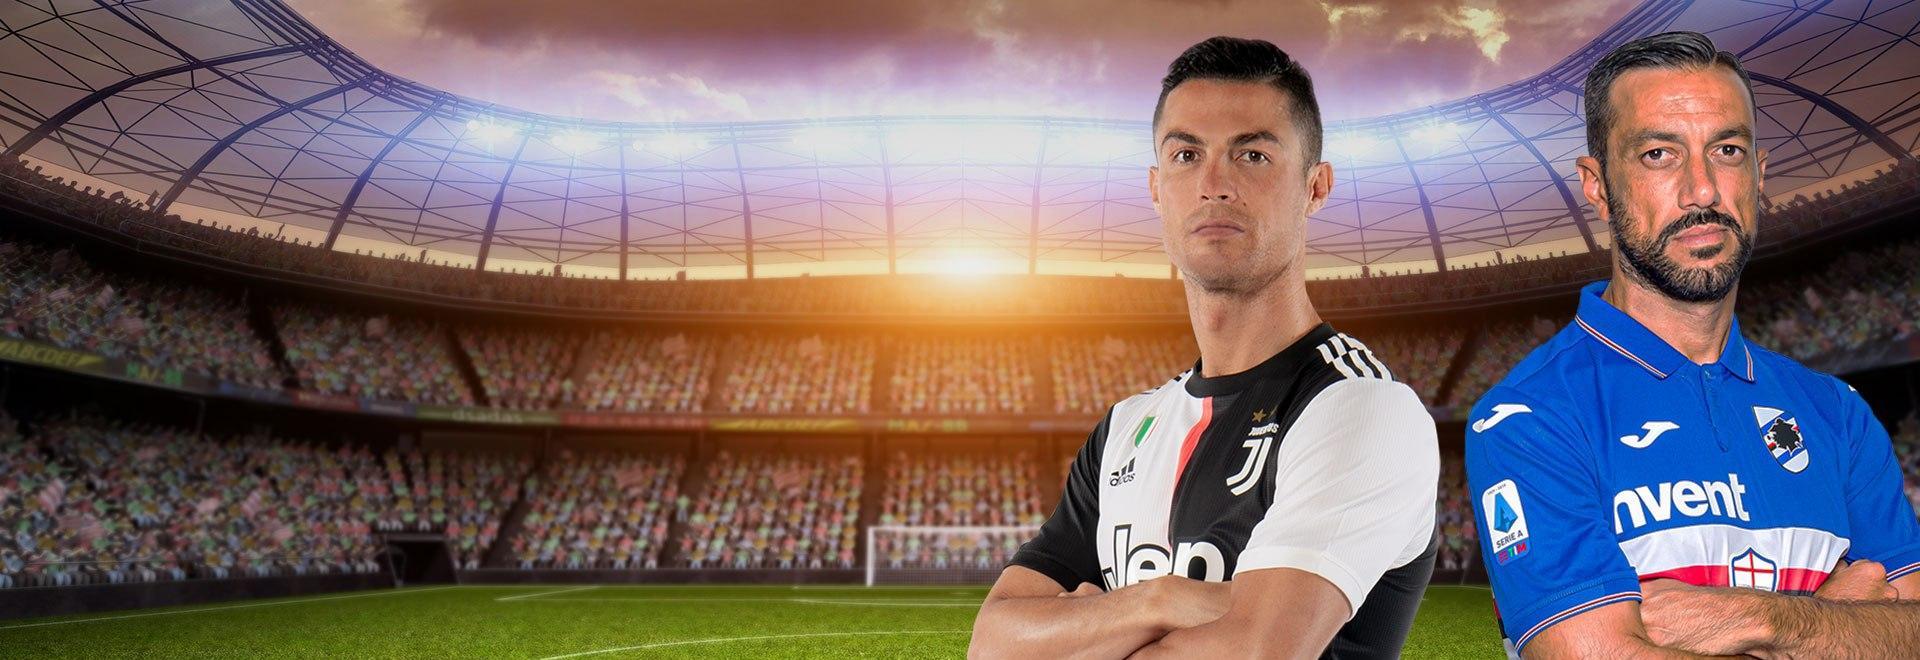 Juventus - Sampdoria. 36a g.